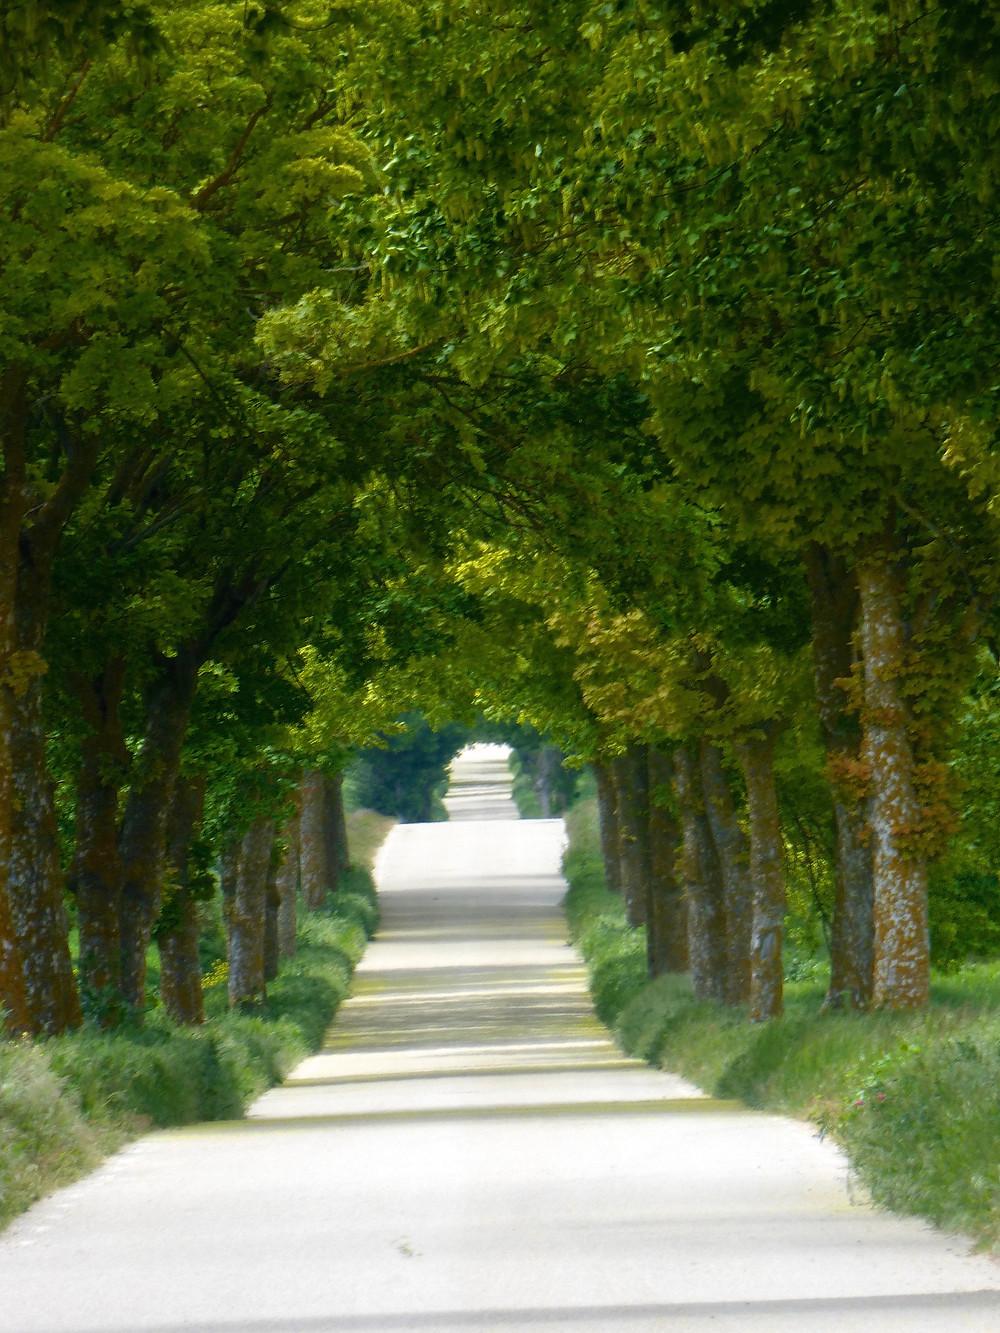 Camino Tree lined road